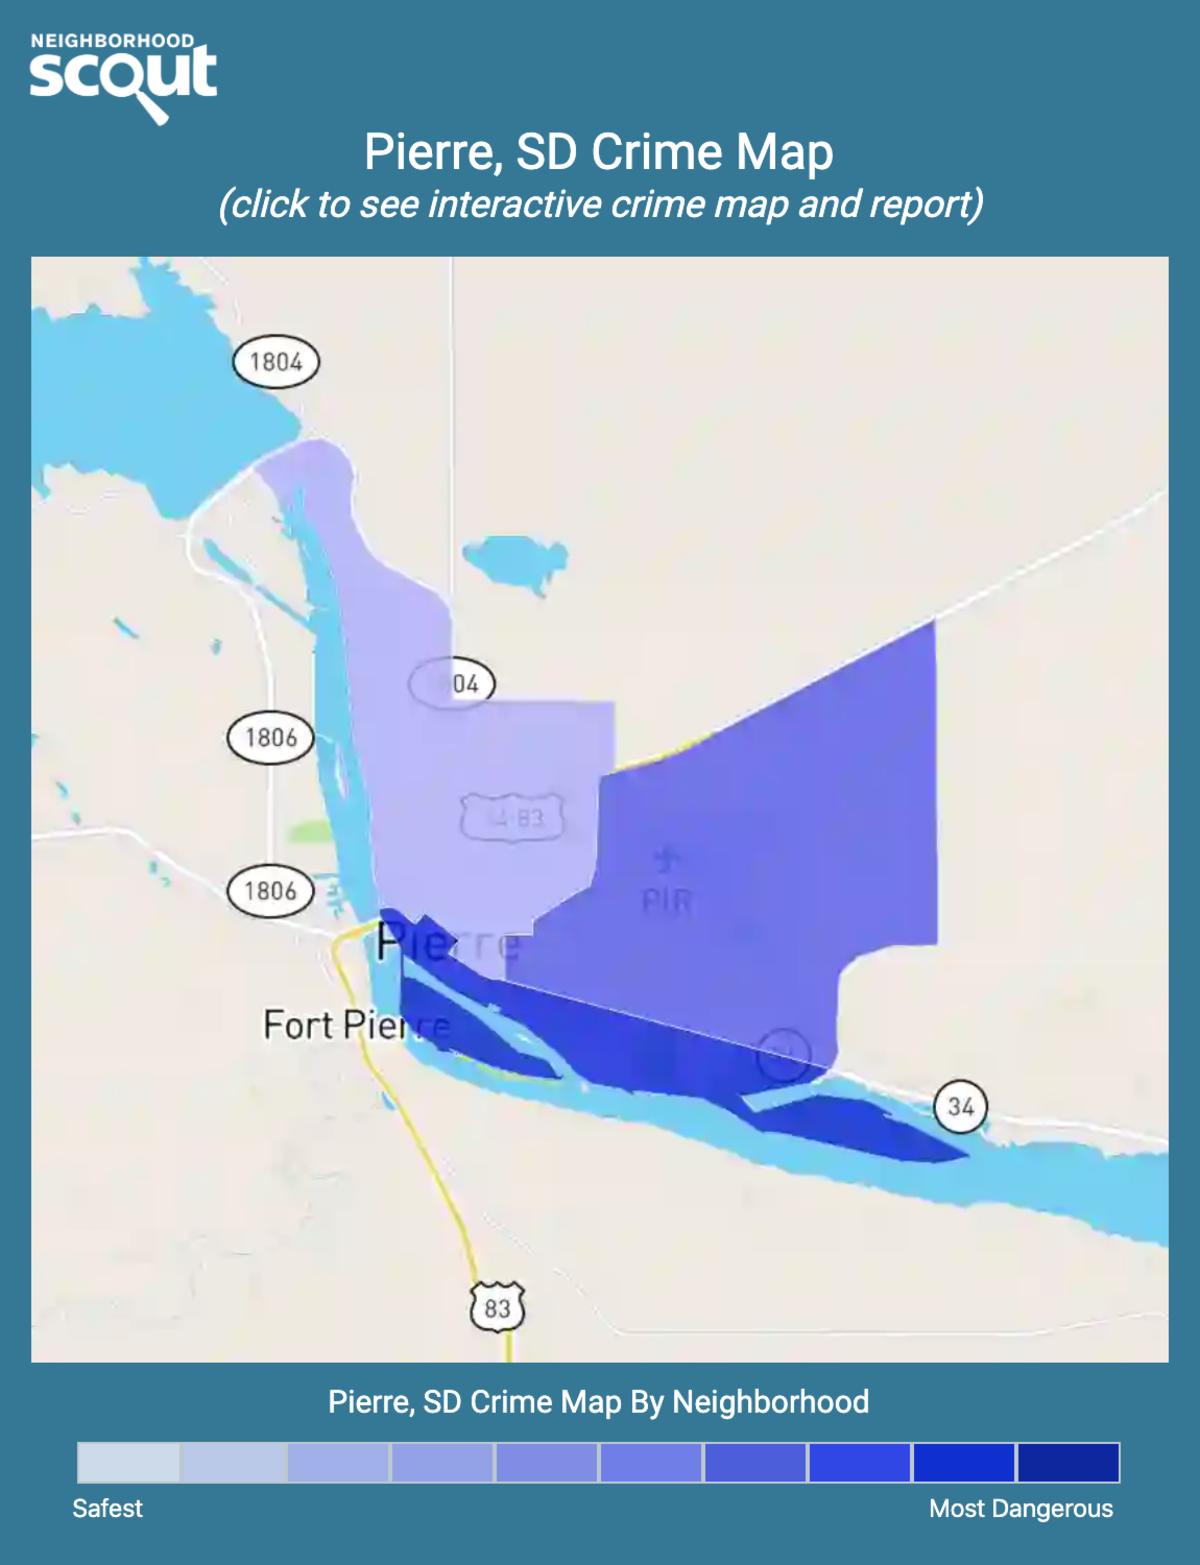 Pierre, South Dakota crime map